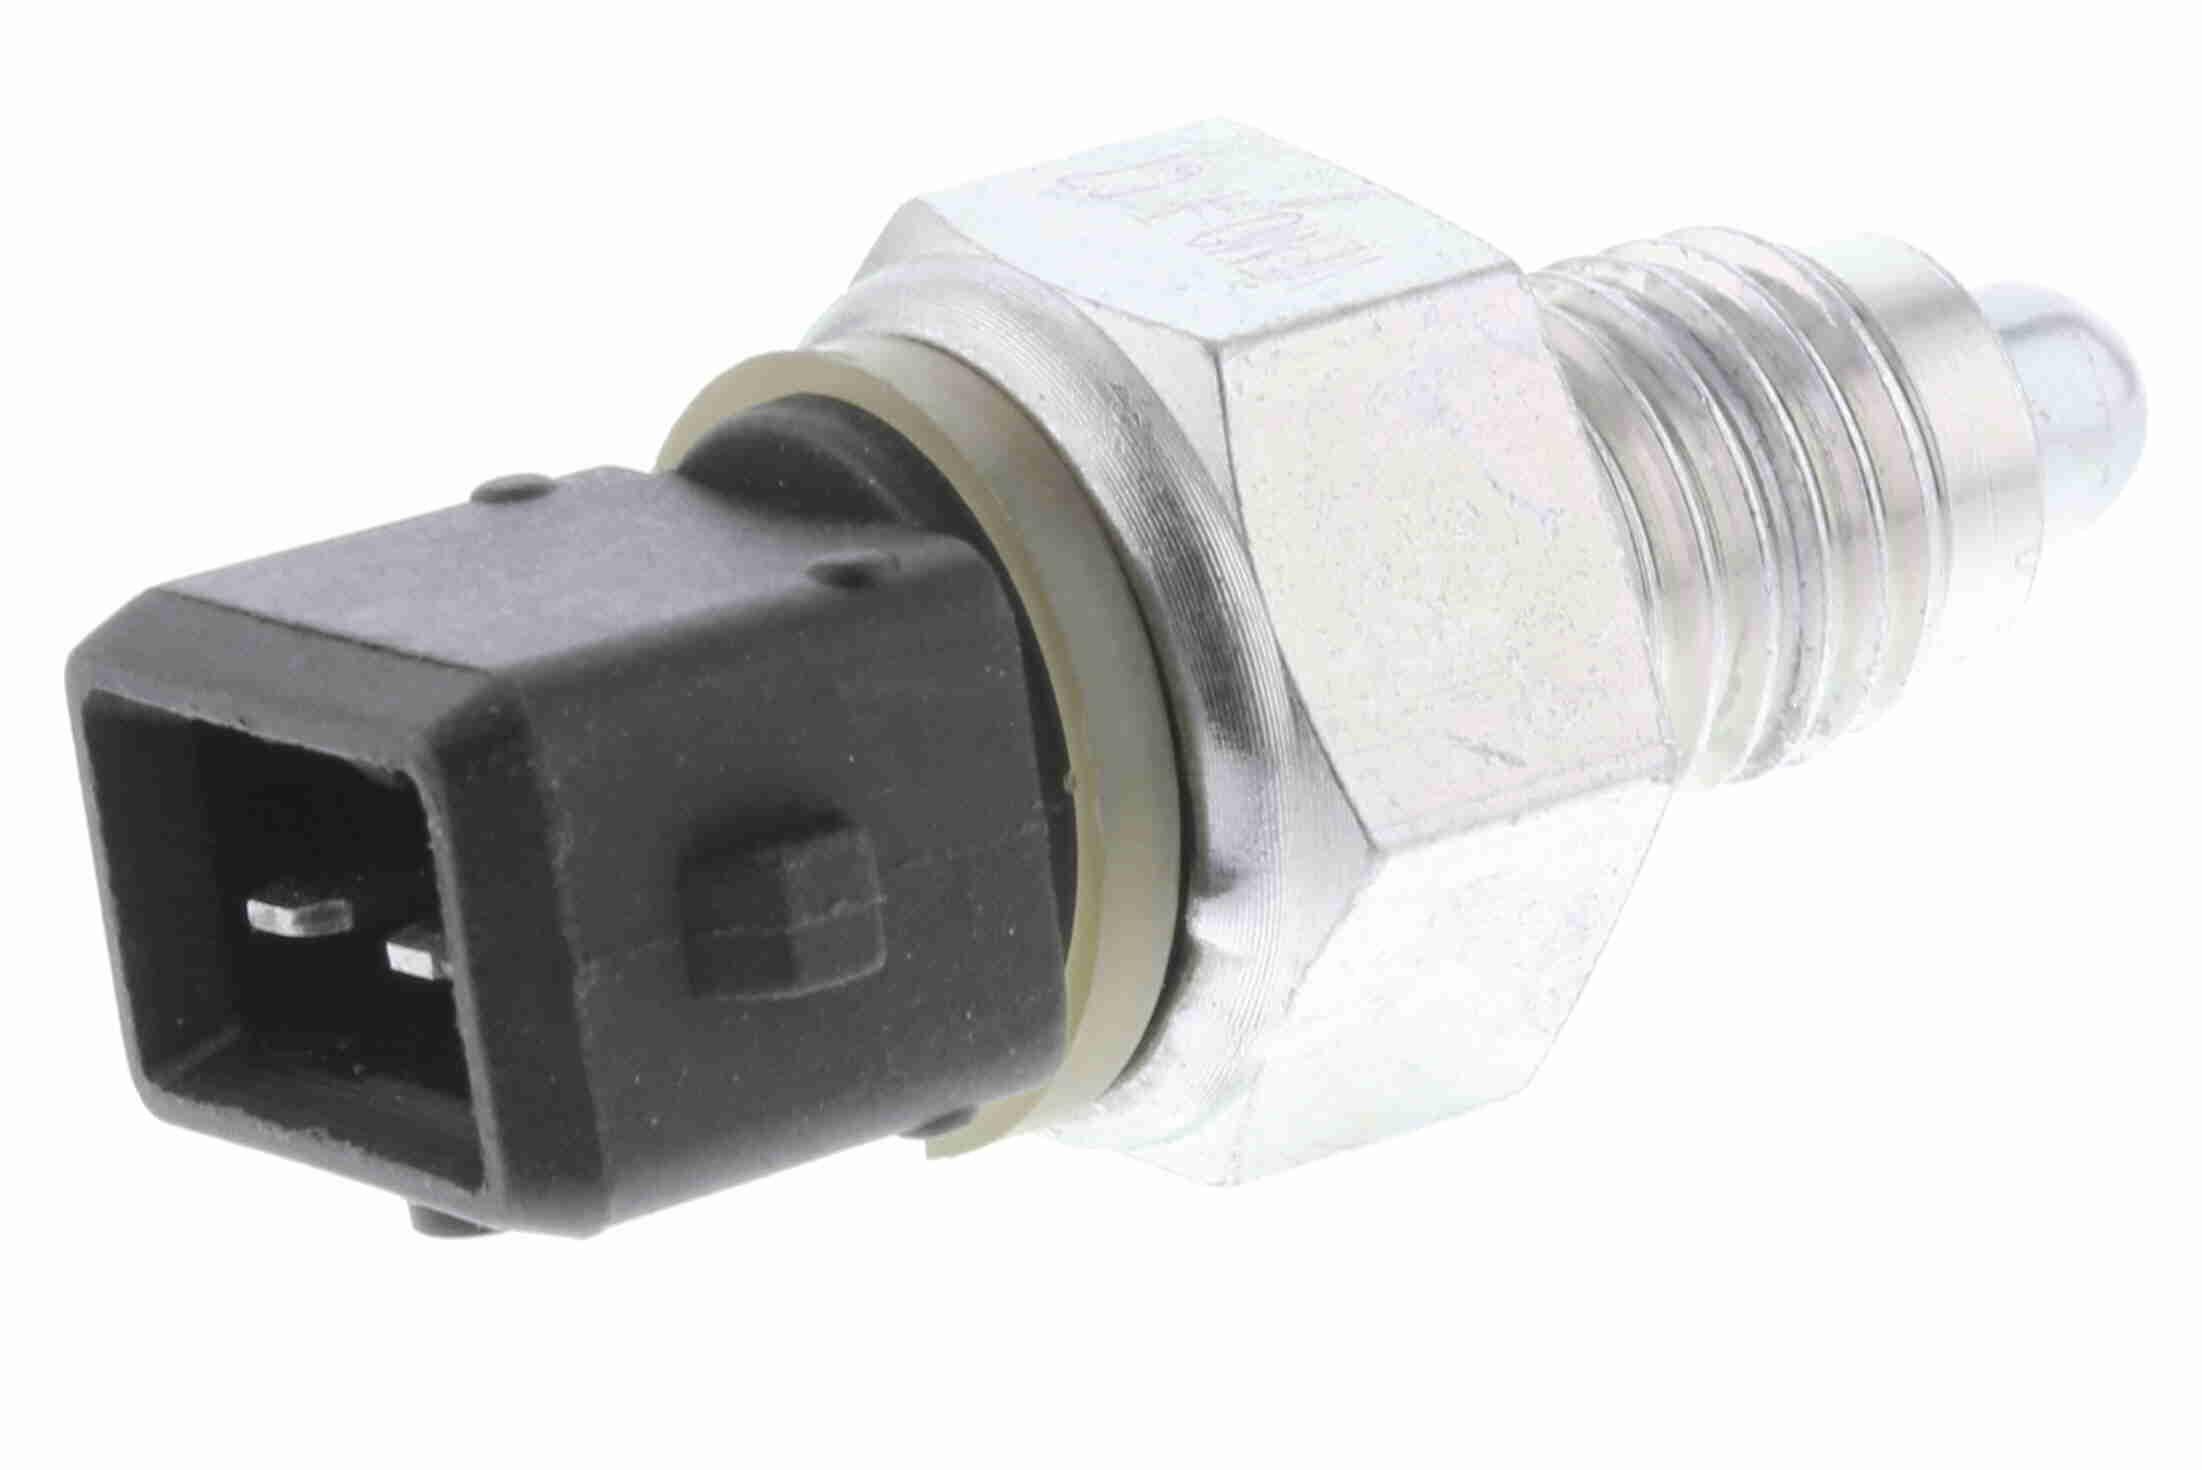 VEMO: Original Rückfahrlichtschalter V20-73-0080 (Pol-Anzahl: 2-polig)